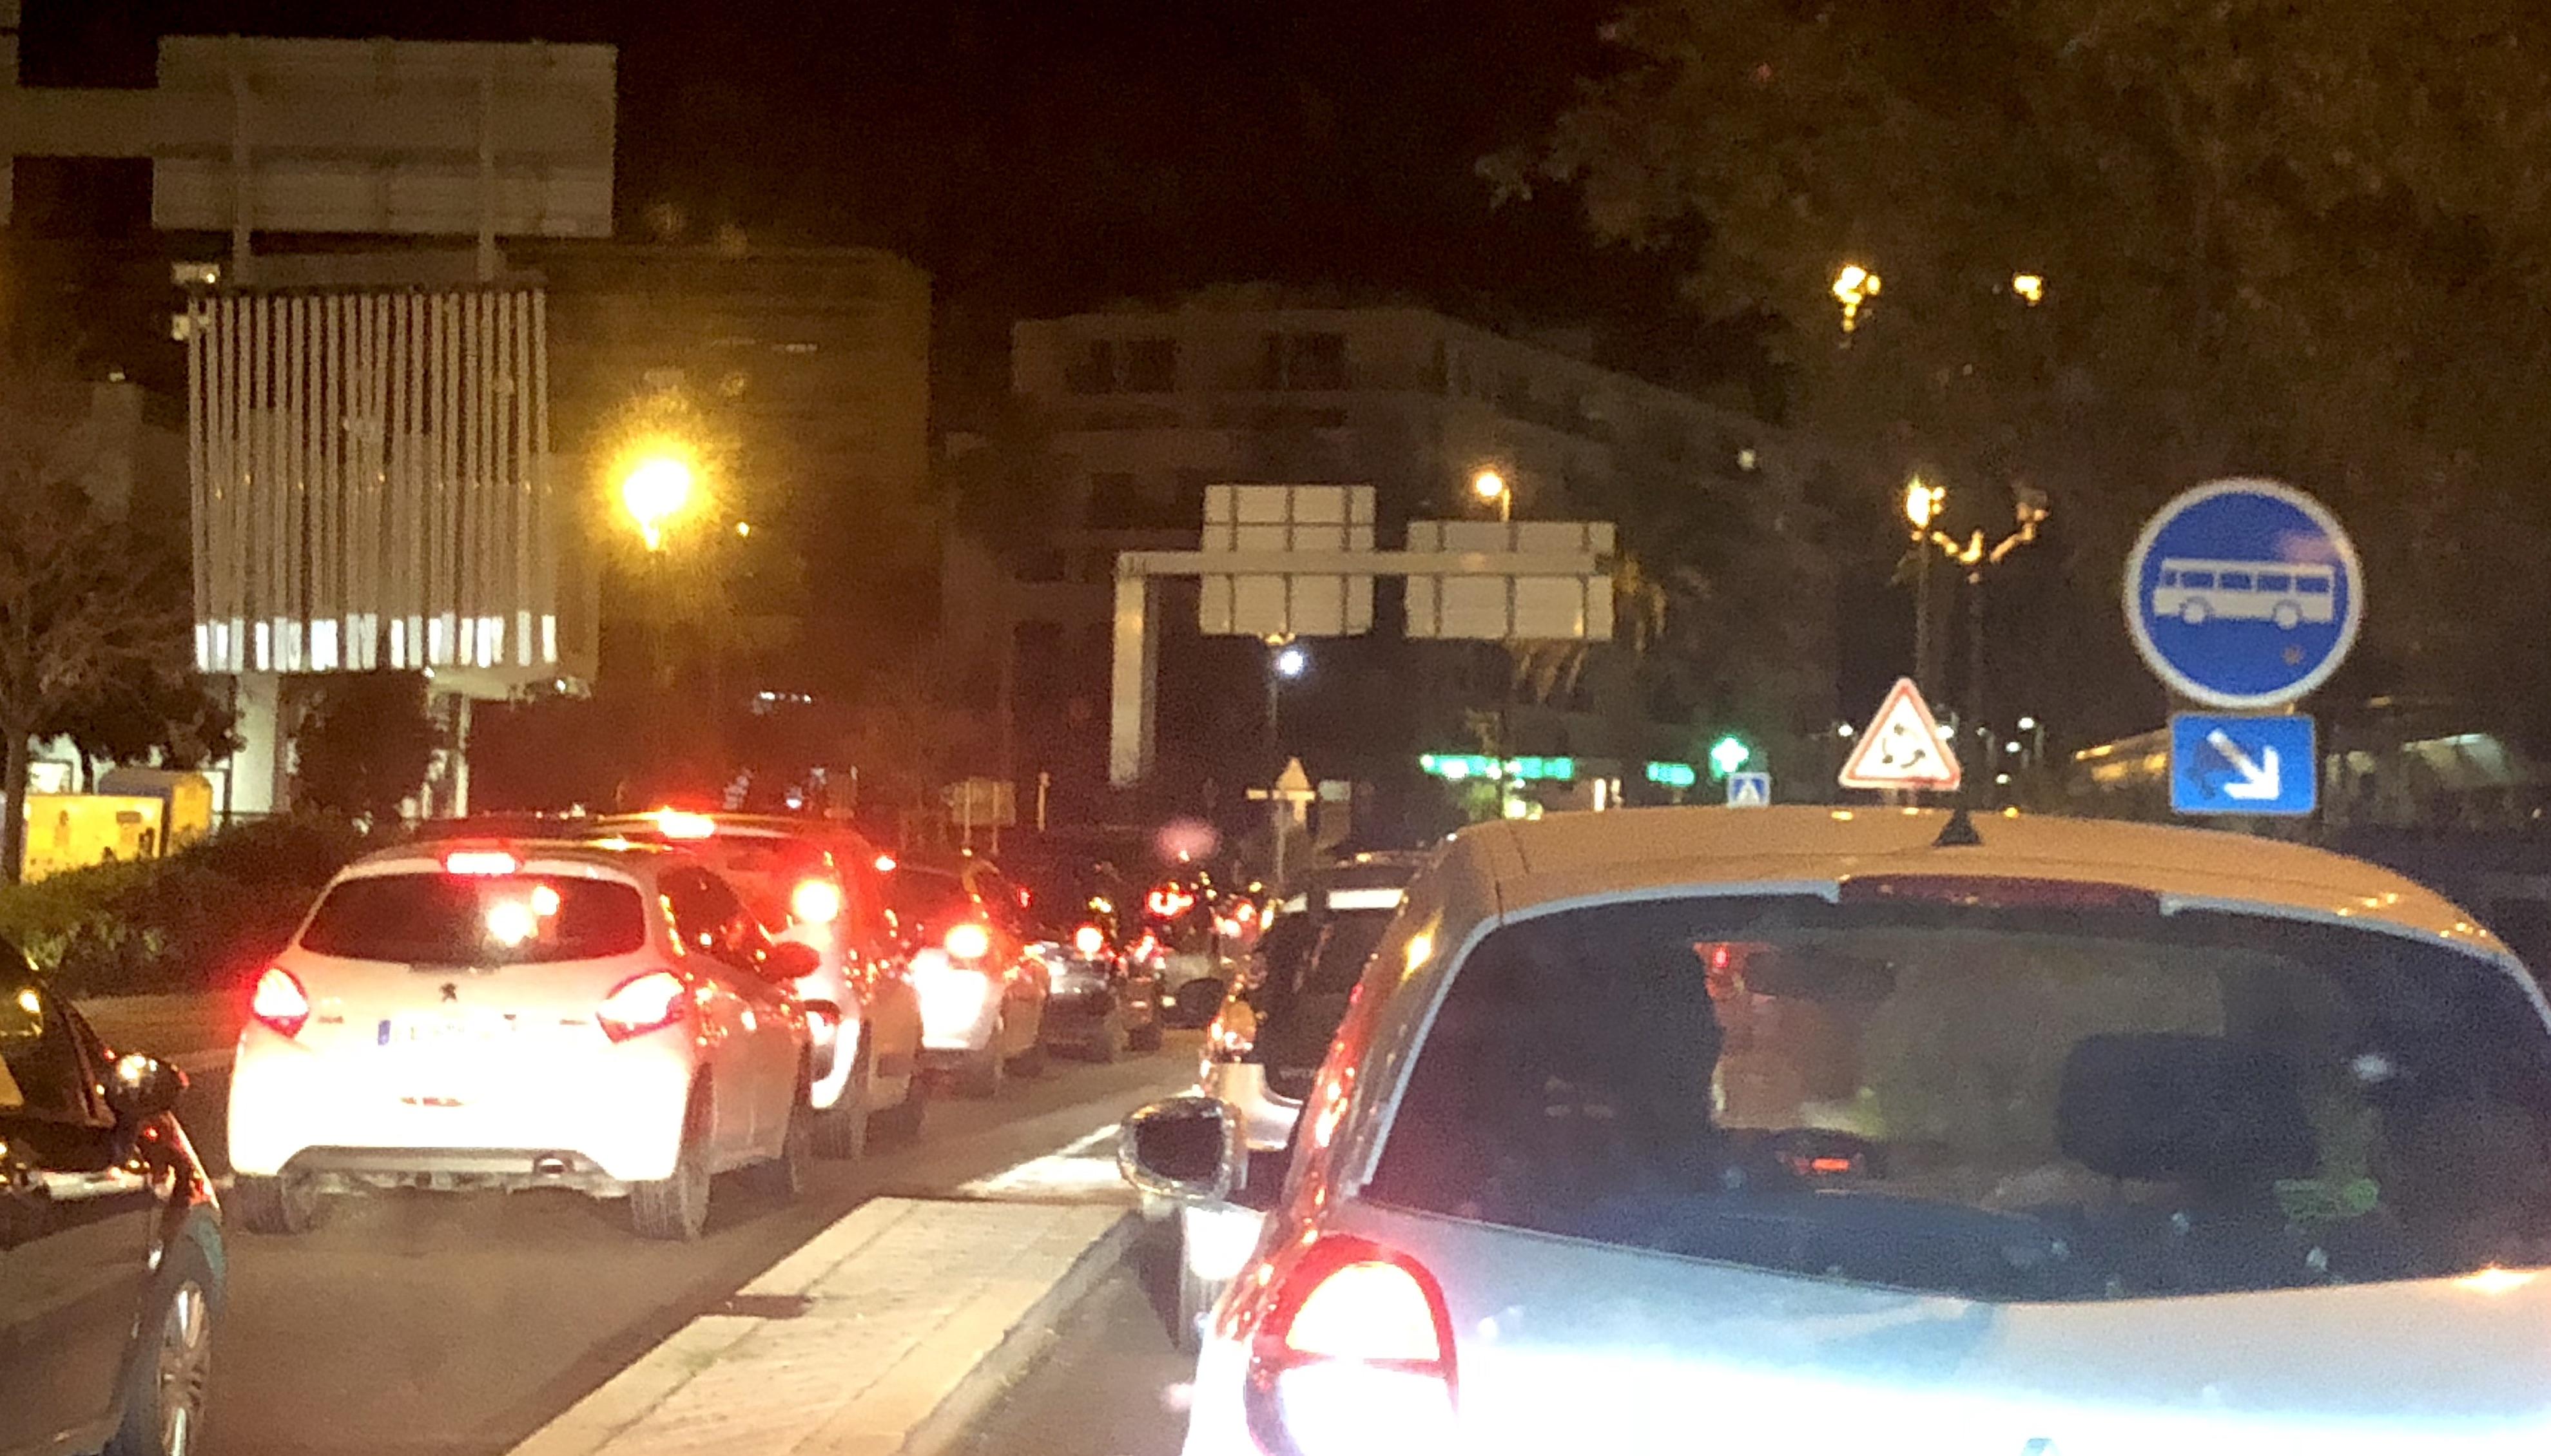 Lundi soir à 19h30 à la sortie de Bastia : Le grand embouteillage…